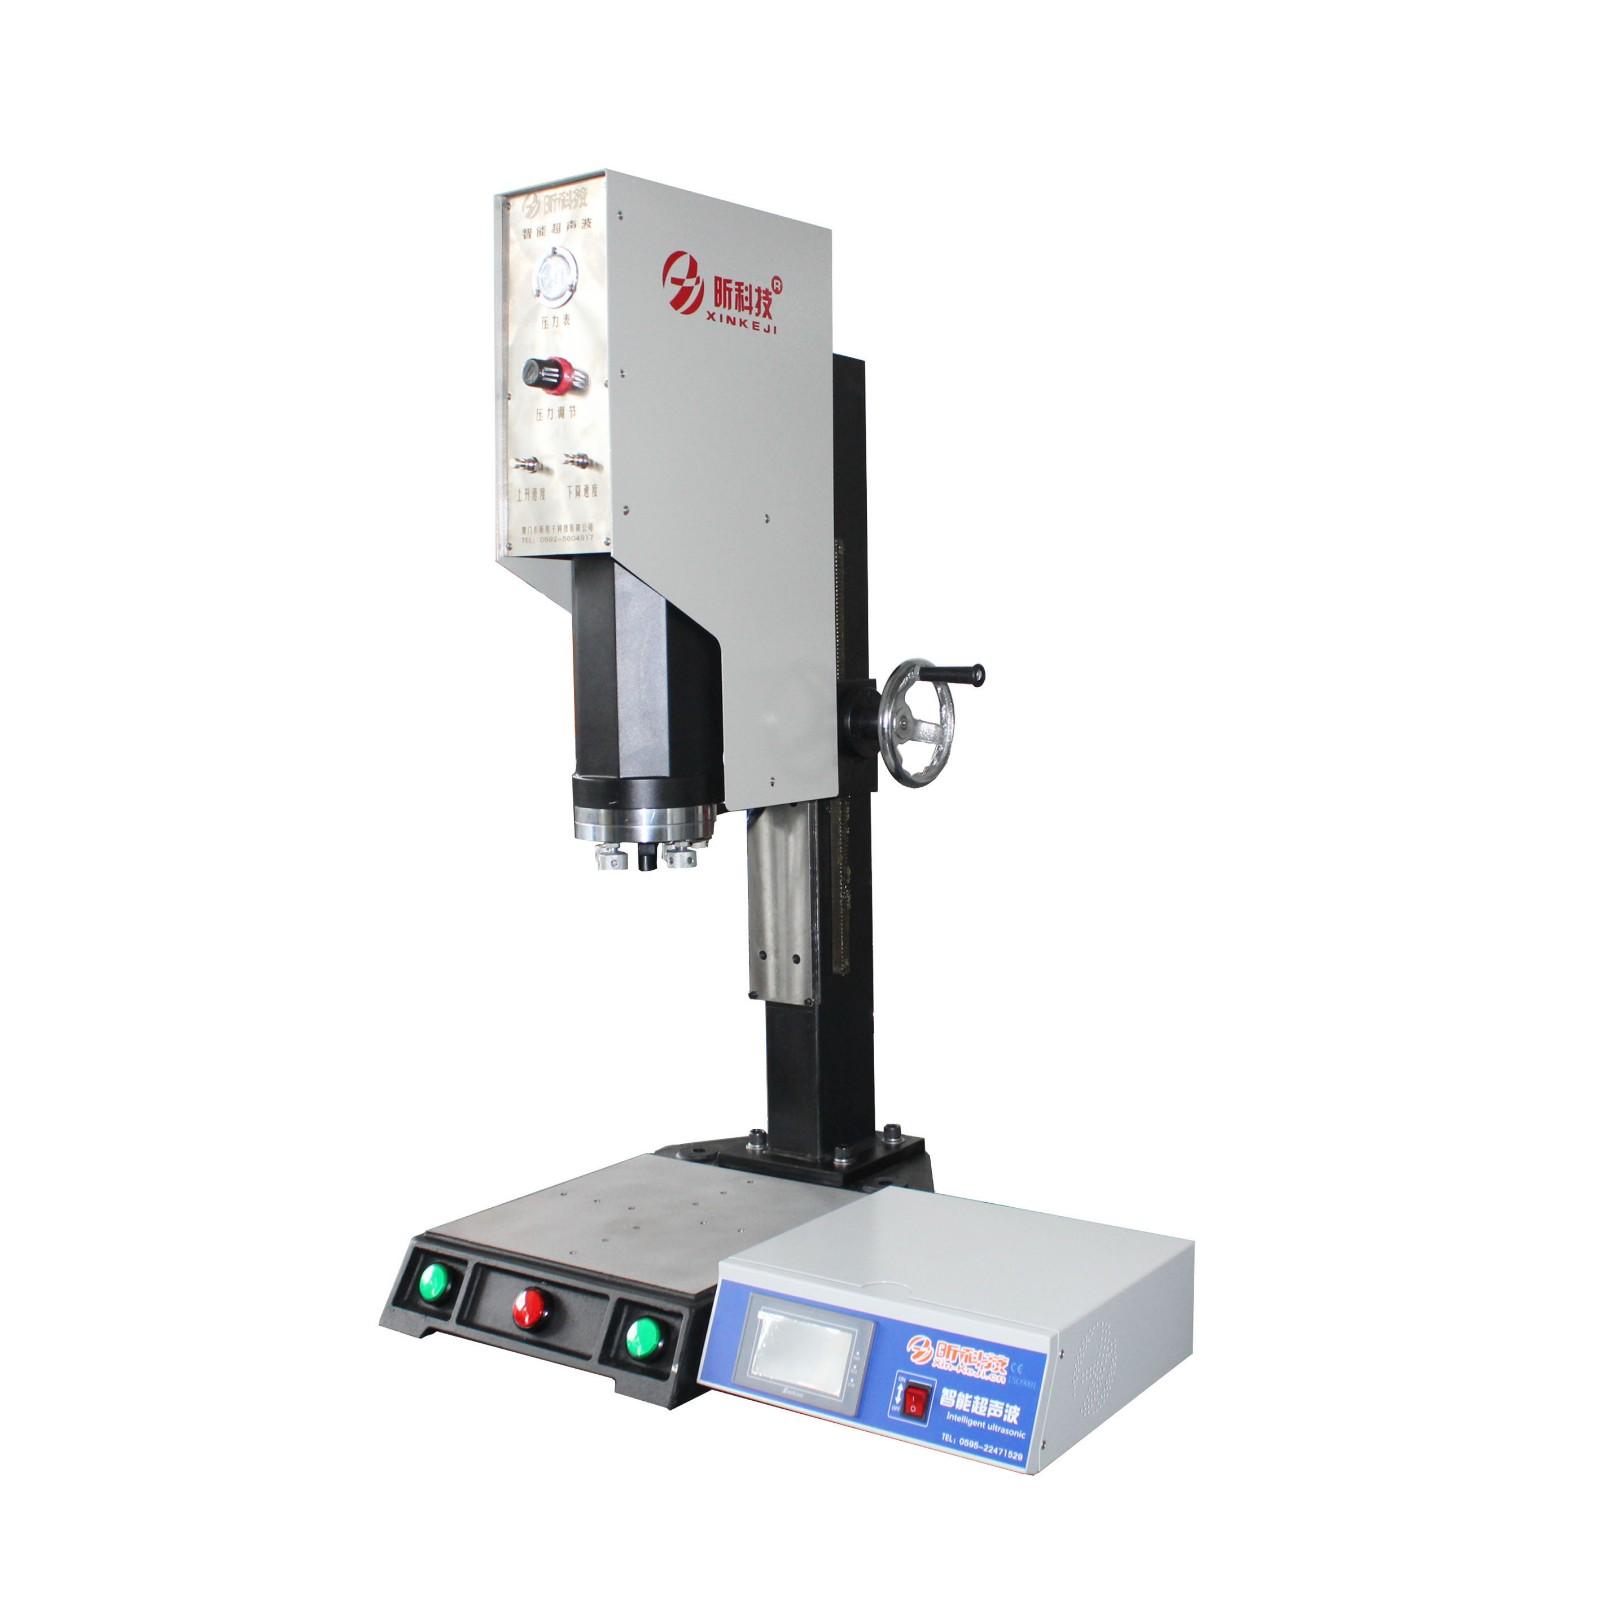 福建供应小型超声波焊接机 20K遥控器超声波焊接机 自动追频塑料焊接机厂家